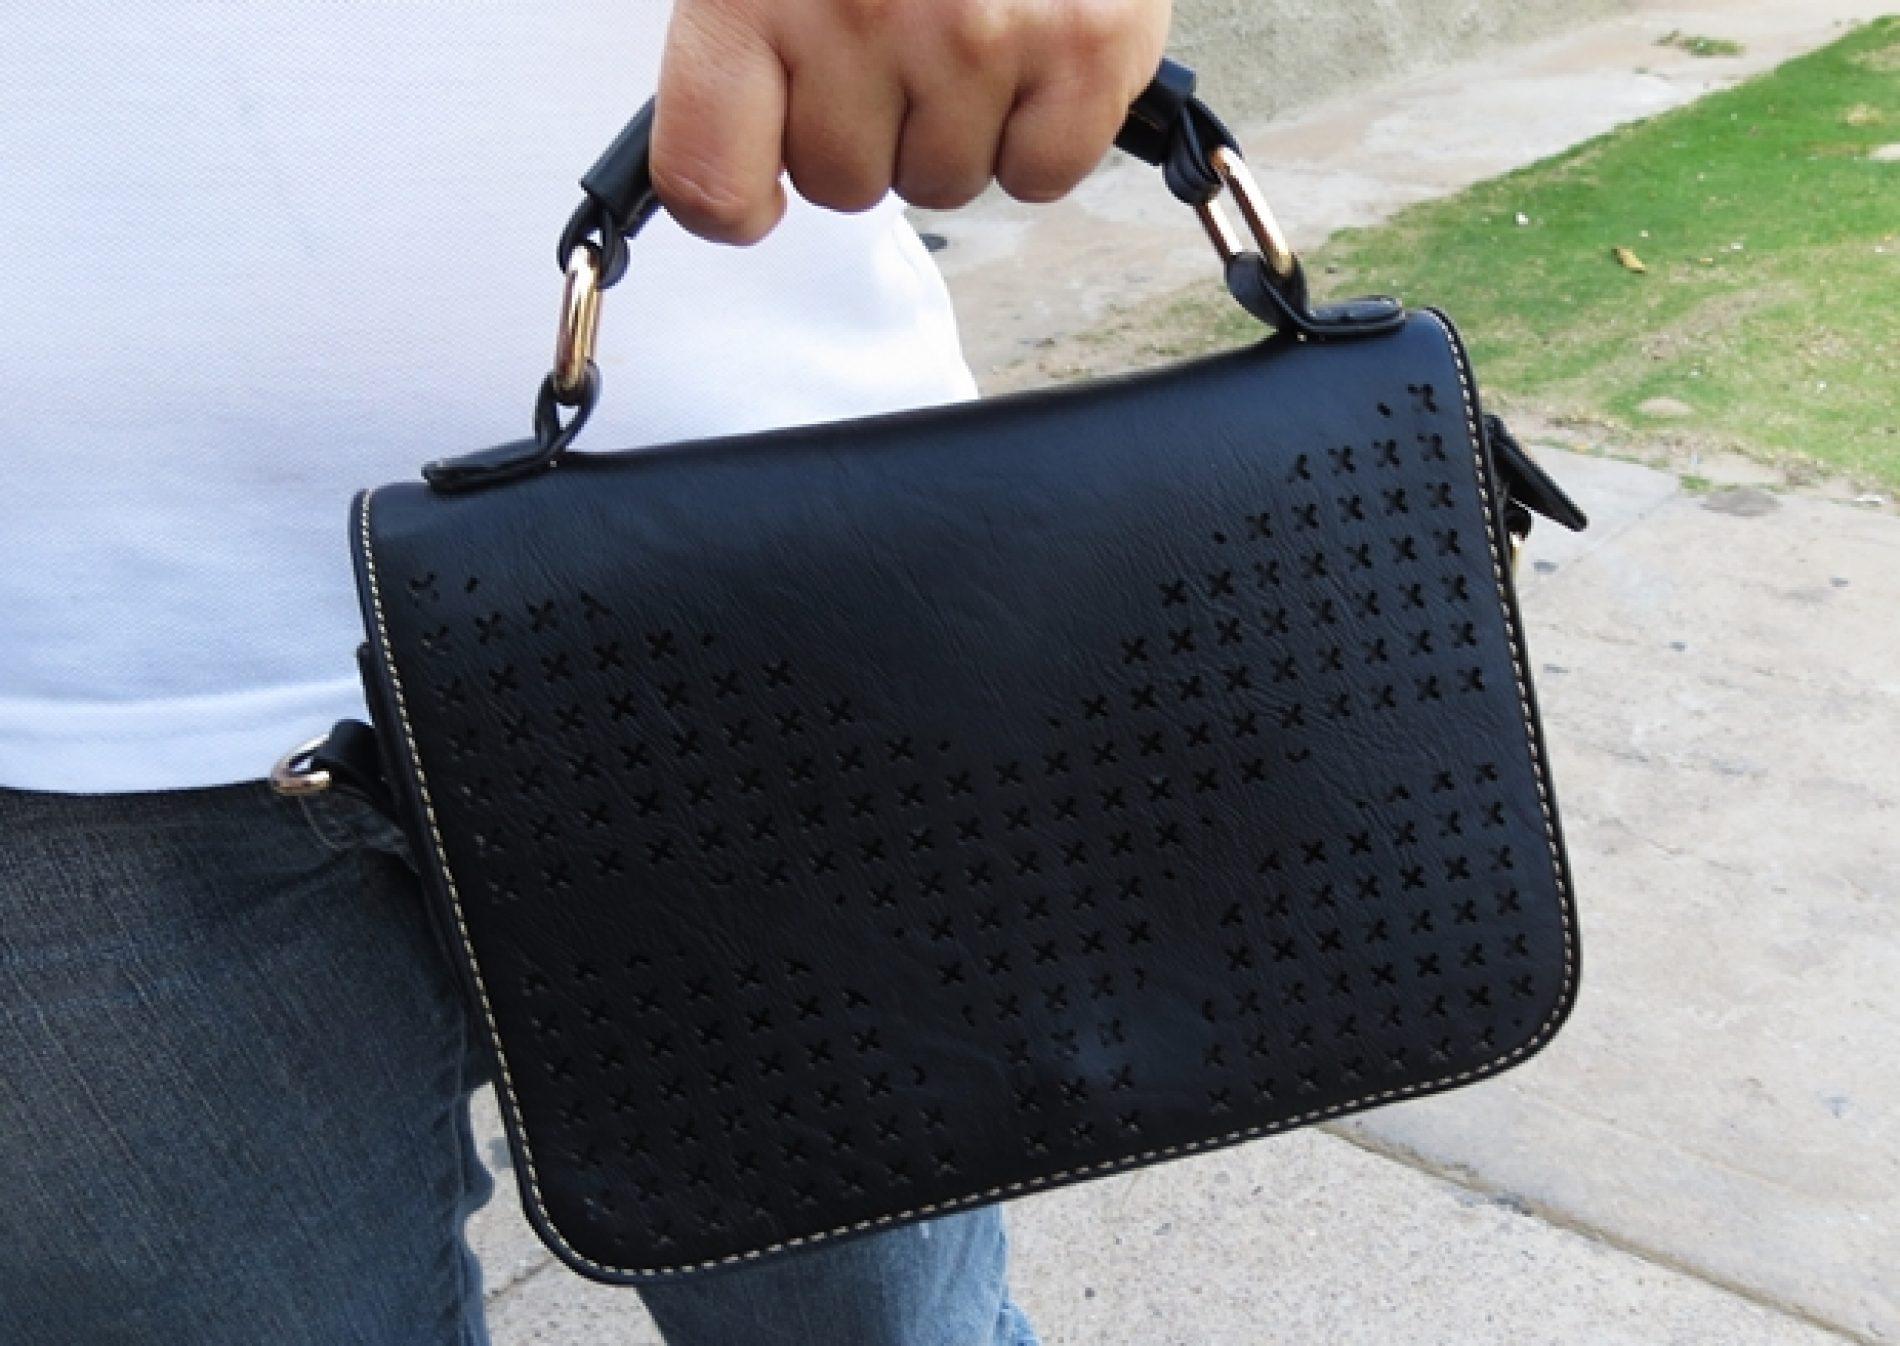 Mulher tem bolsa furtada de dentro de sua residência no bairro Rios